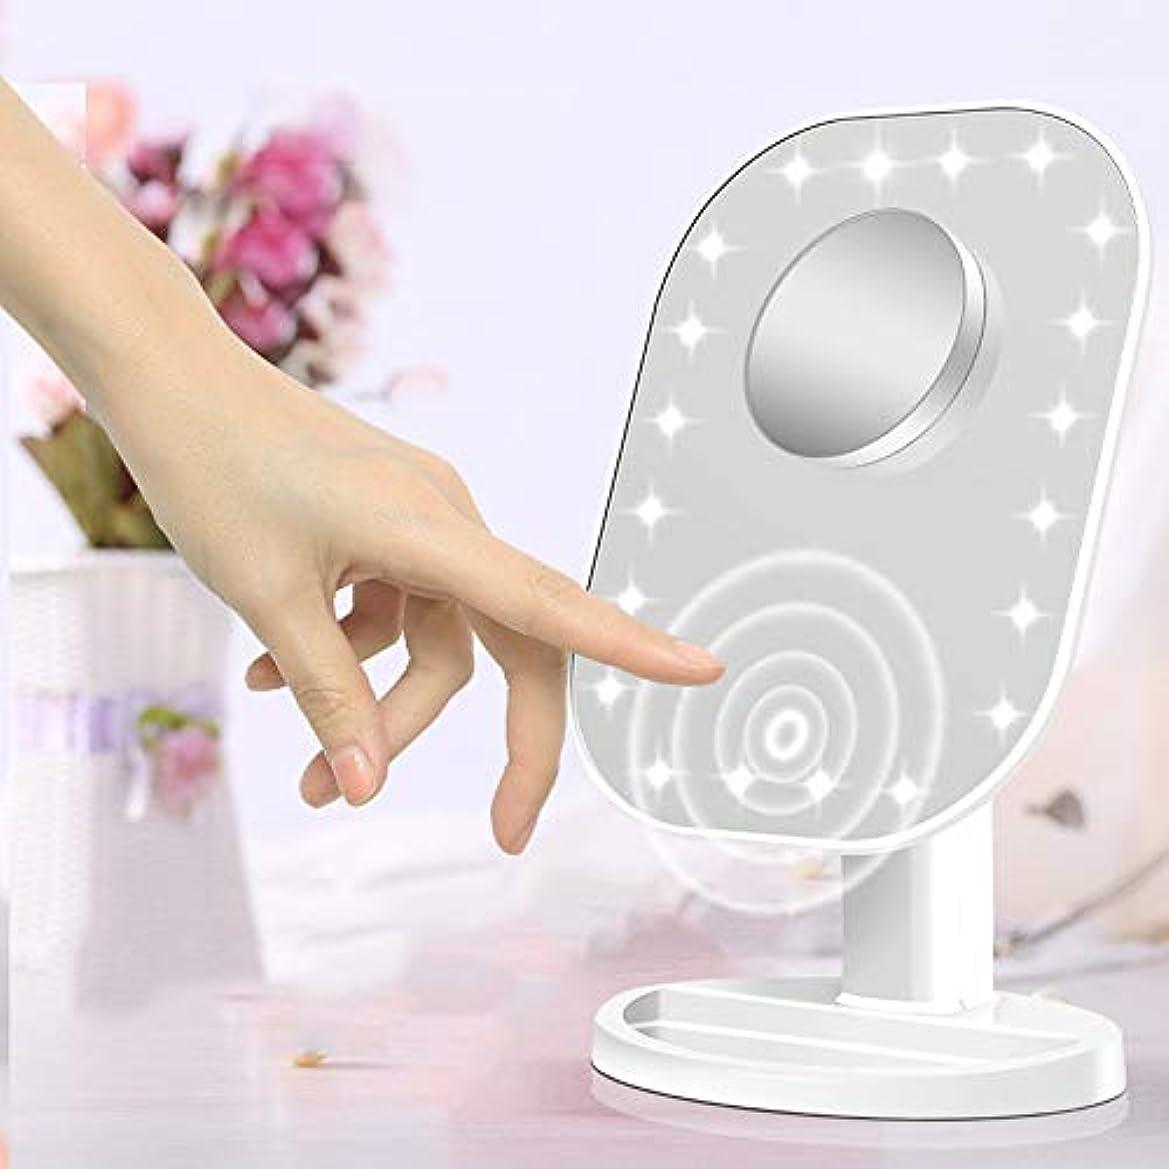 遠洋のストライド大洪水流行の 新しいデスクトップクリエイティブタッチセンサーled化粧鏡10倍拡大美容化粧鏡フィルライト化粧鏡ピンクホワイト (色 : Pink)